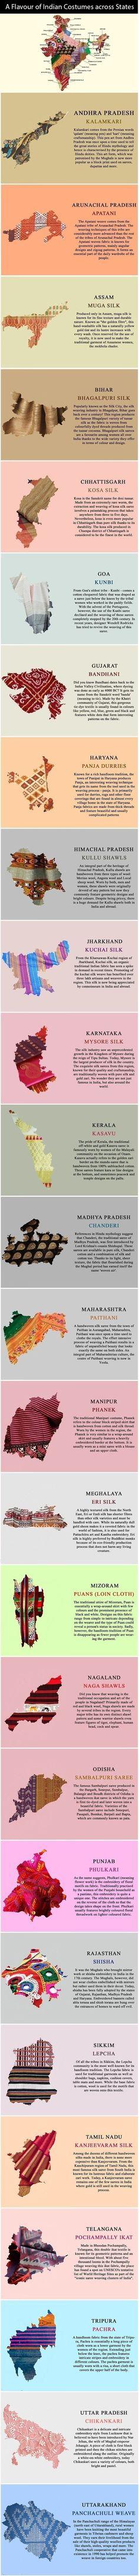 Ethnic info